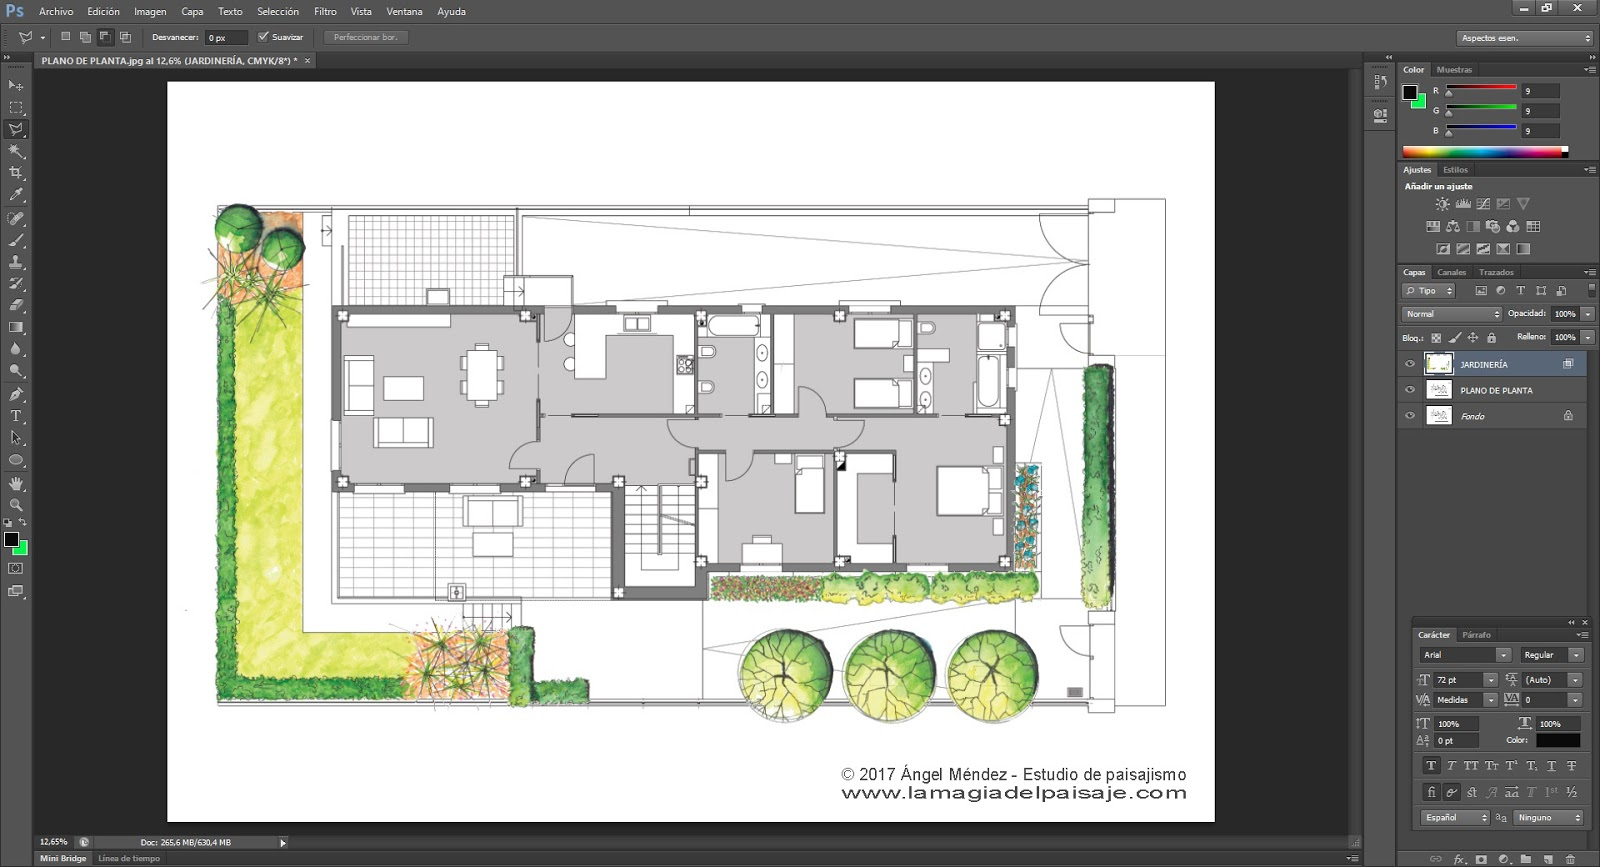 TUTORIAL: Veamos cómo se hizo este plano de jardinería PASO a PASO